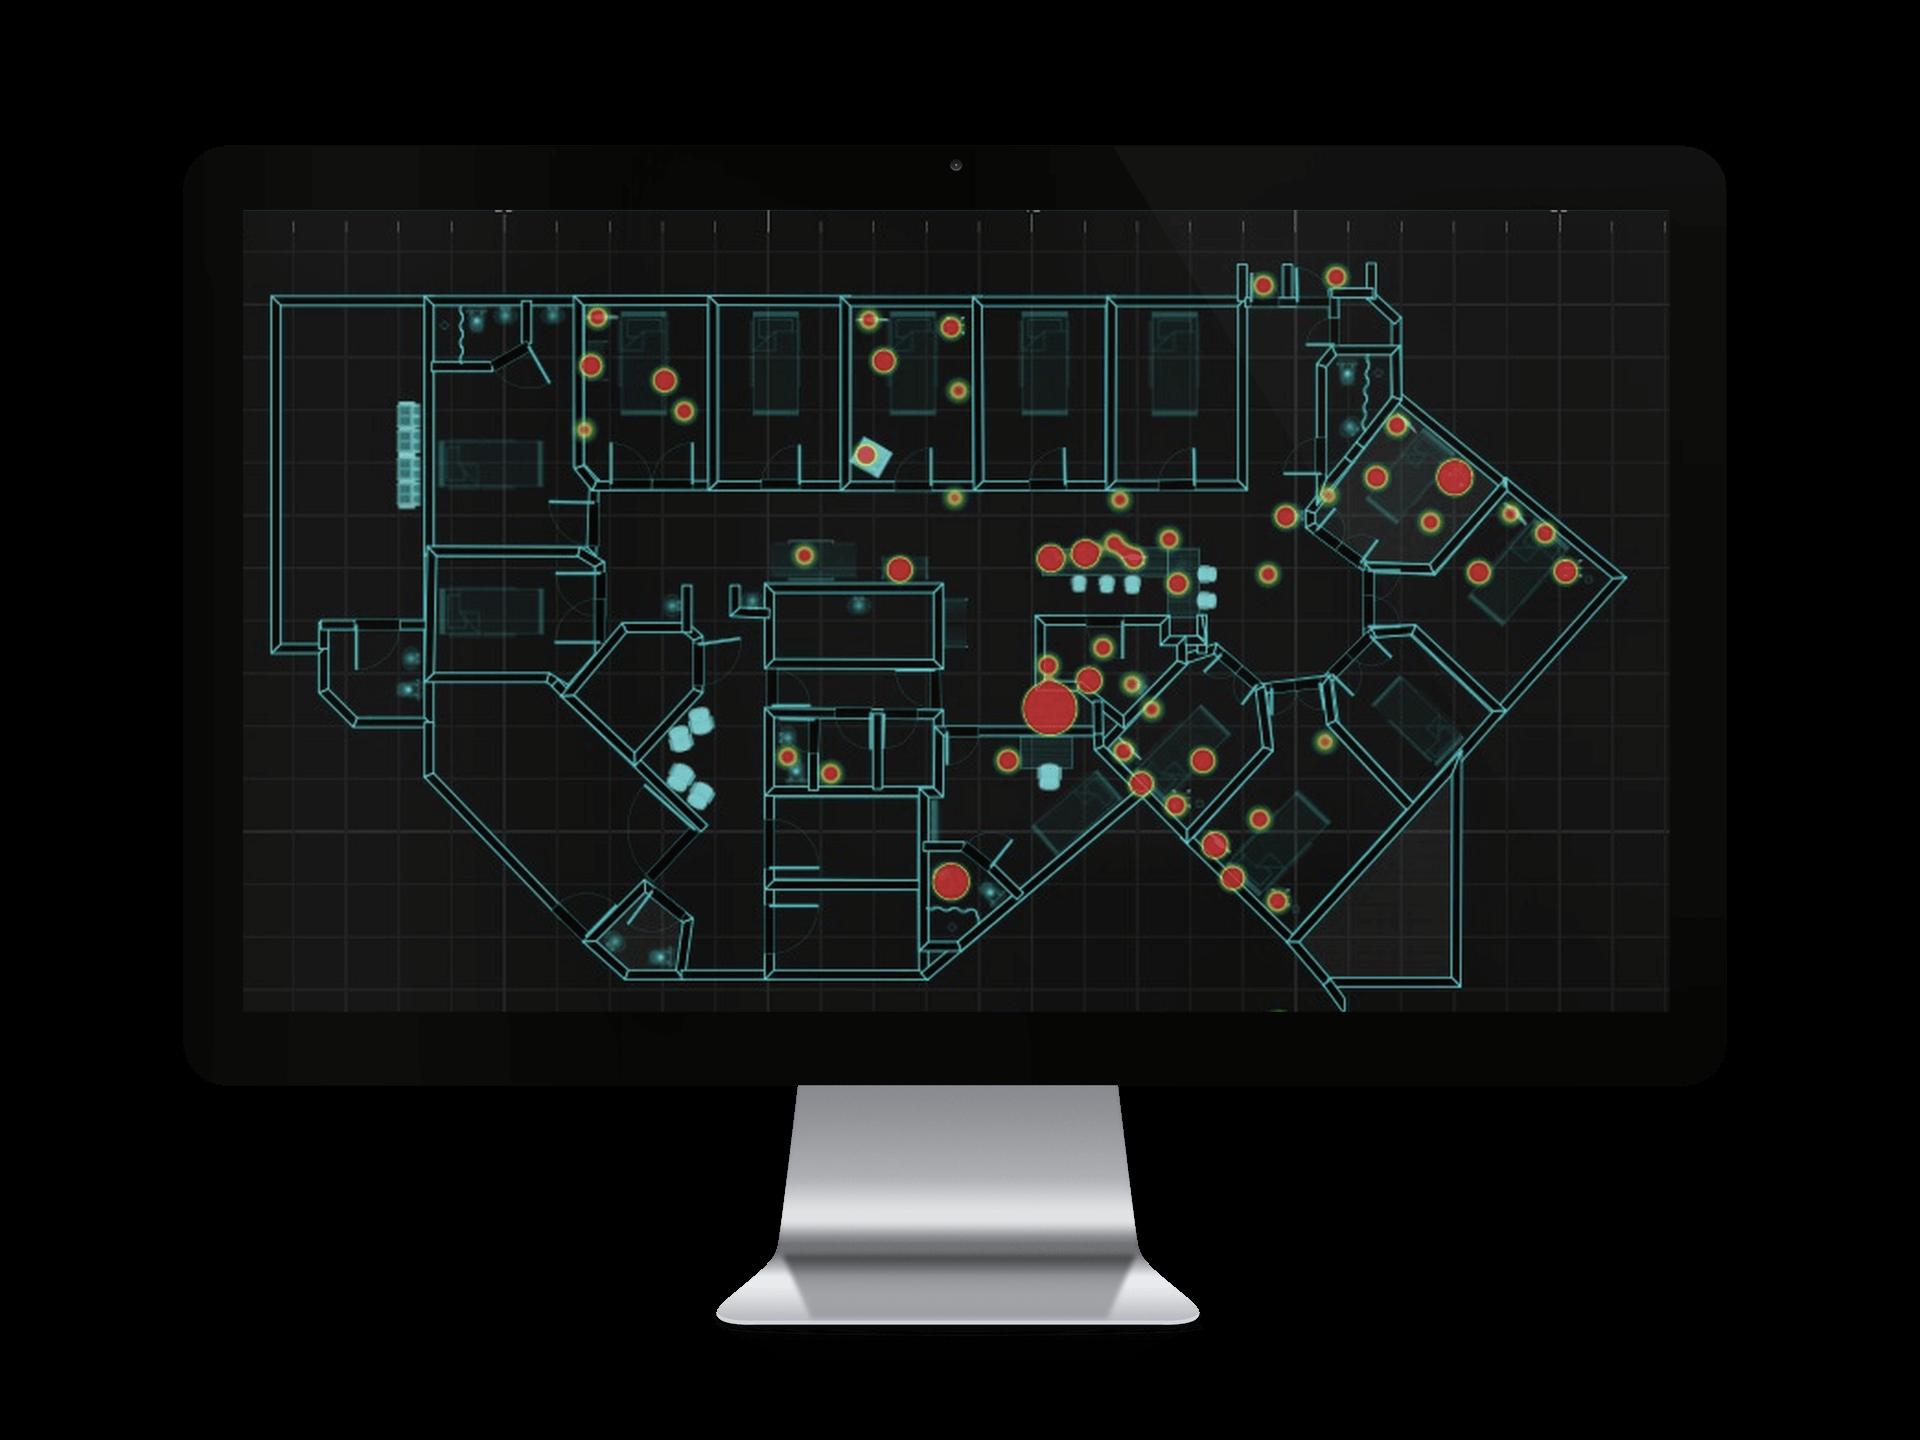 Mapa de Risco como ferramenta educacional em instituições de saúde